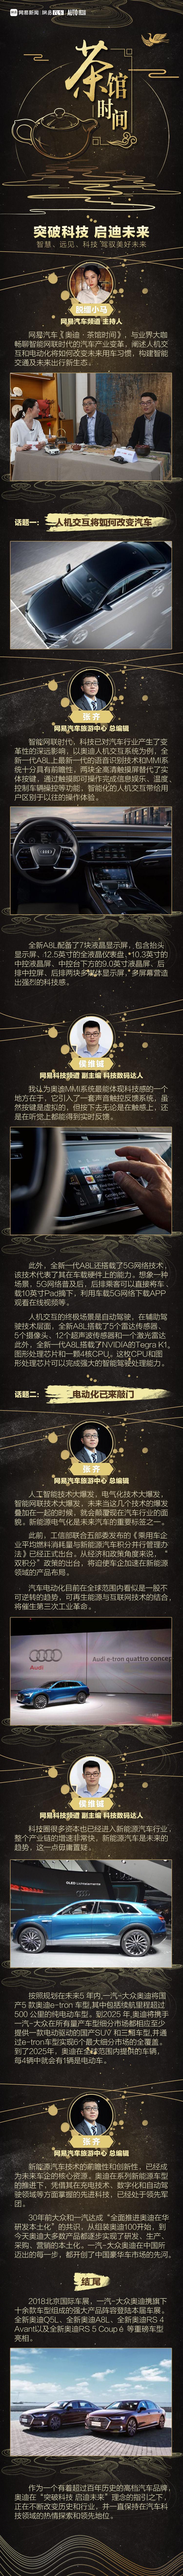 奥迪·茶馆时间 业界大咖聊未来科技出行